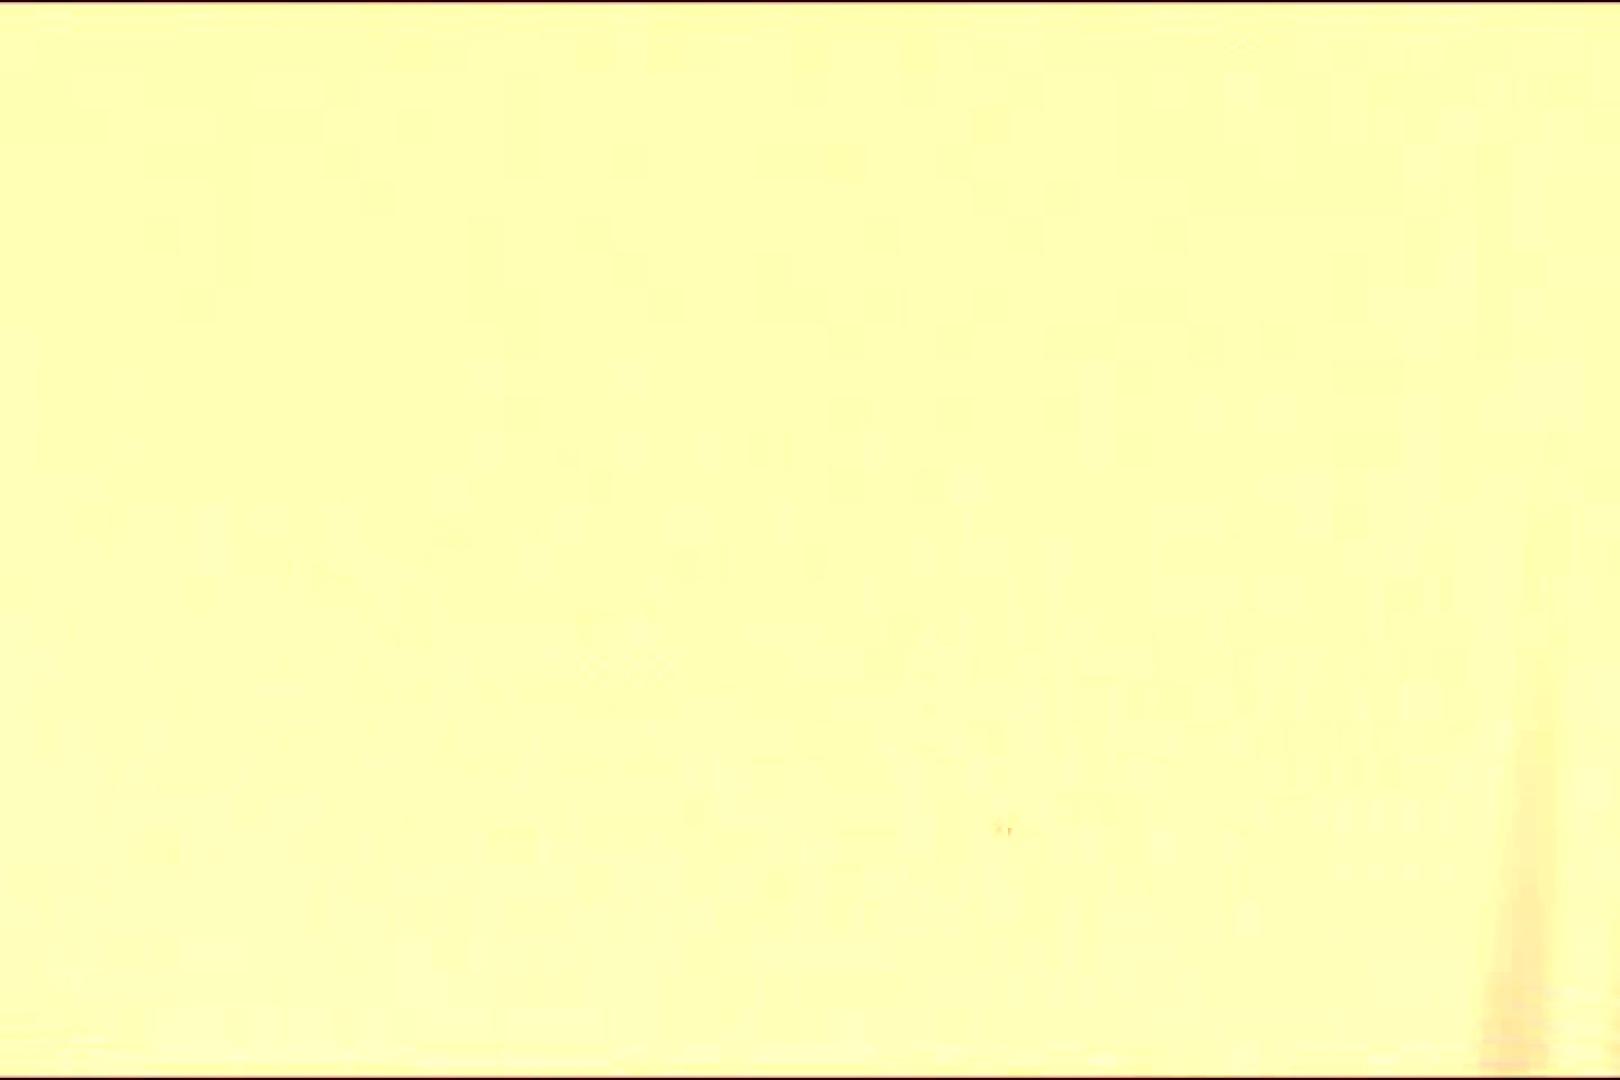 マンコ丸見え女子洗面所Vol.44 独占盗撮 | マンコ映像  100連発 31